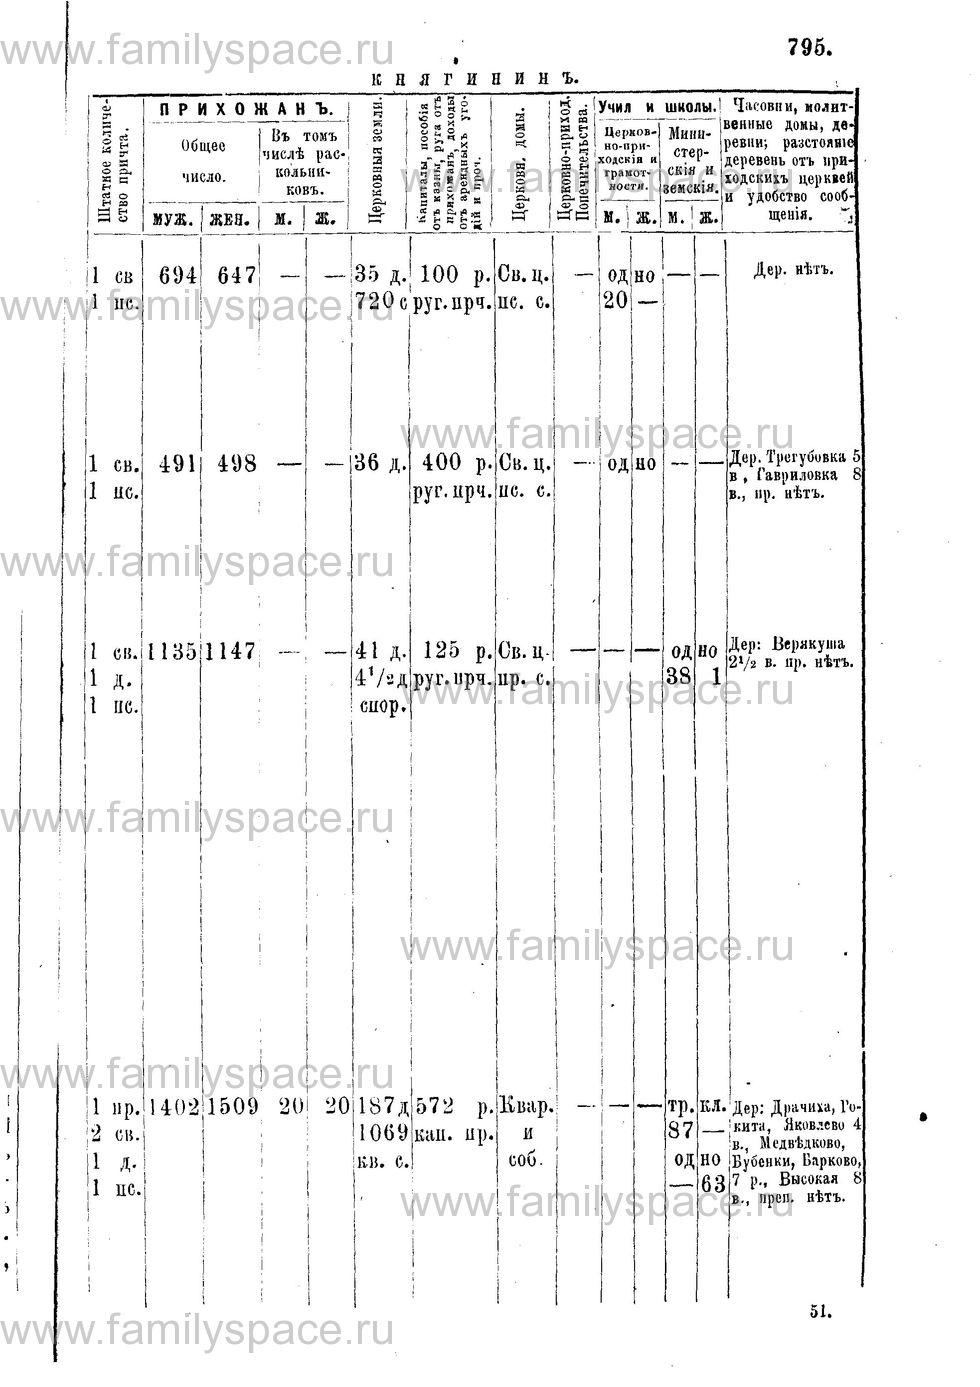 Поиск по фамилии - Адрес-календарь Нижегородской епархии на 1888 год, страница 1795